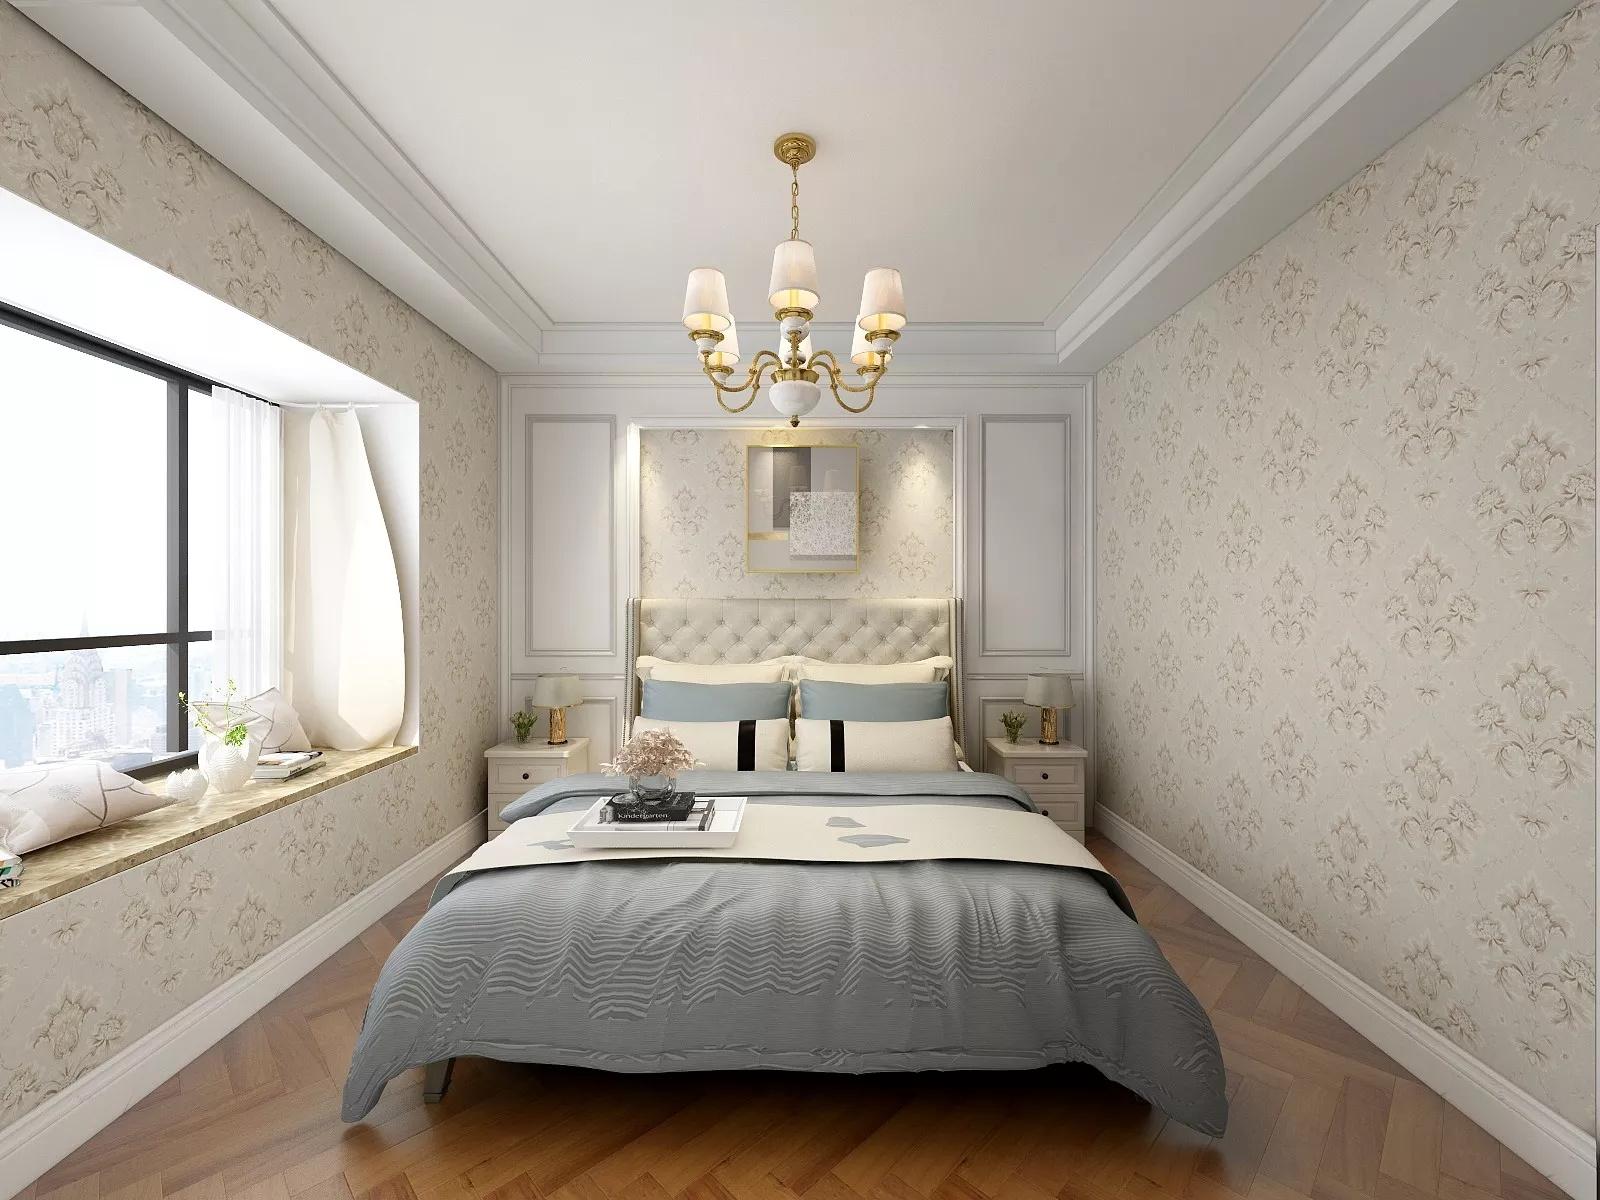 100㎡黑白现代简约样板房装修布局效果图